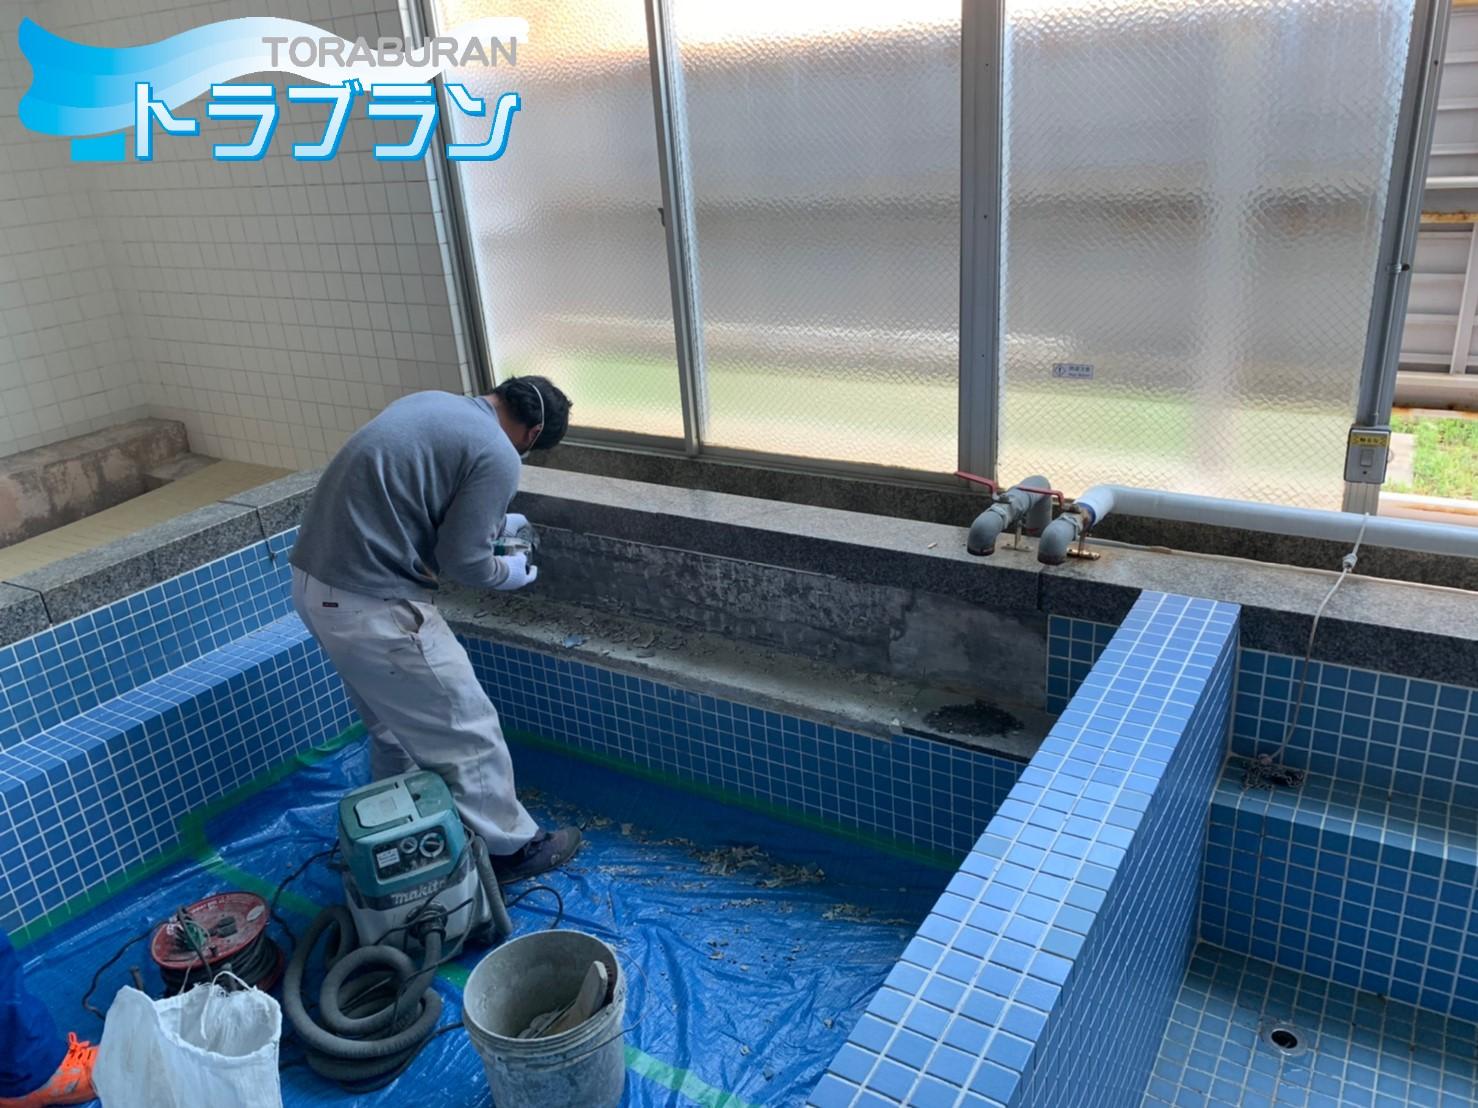 大学 寮 浴室 タイル 補修工事 タイル張替え 神戸市 トラブラン